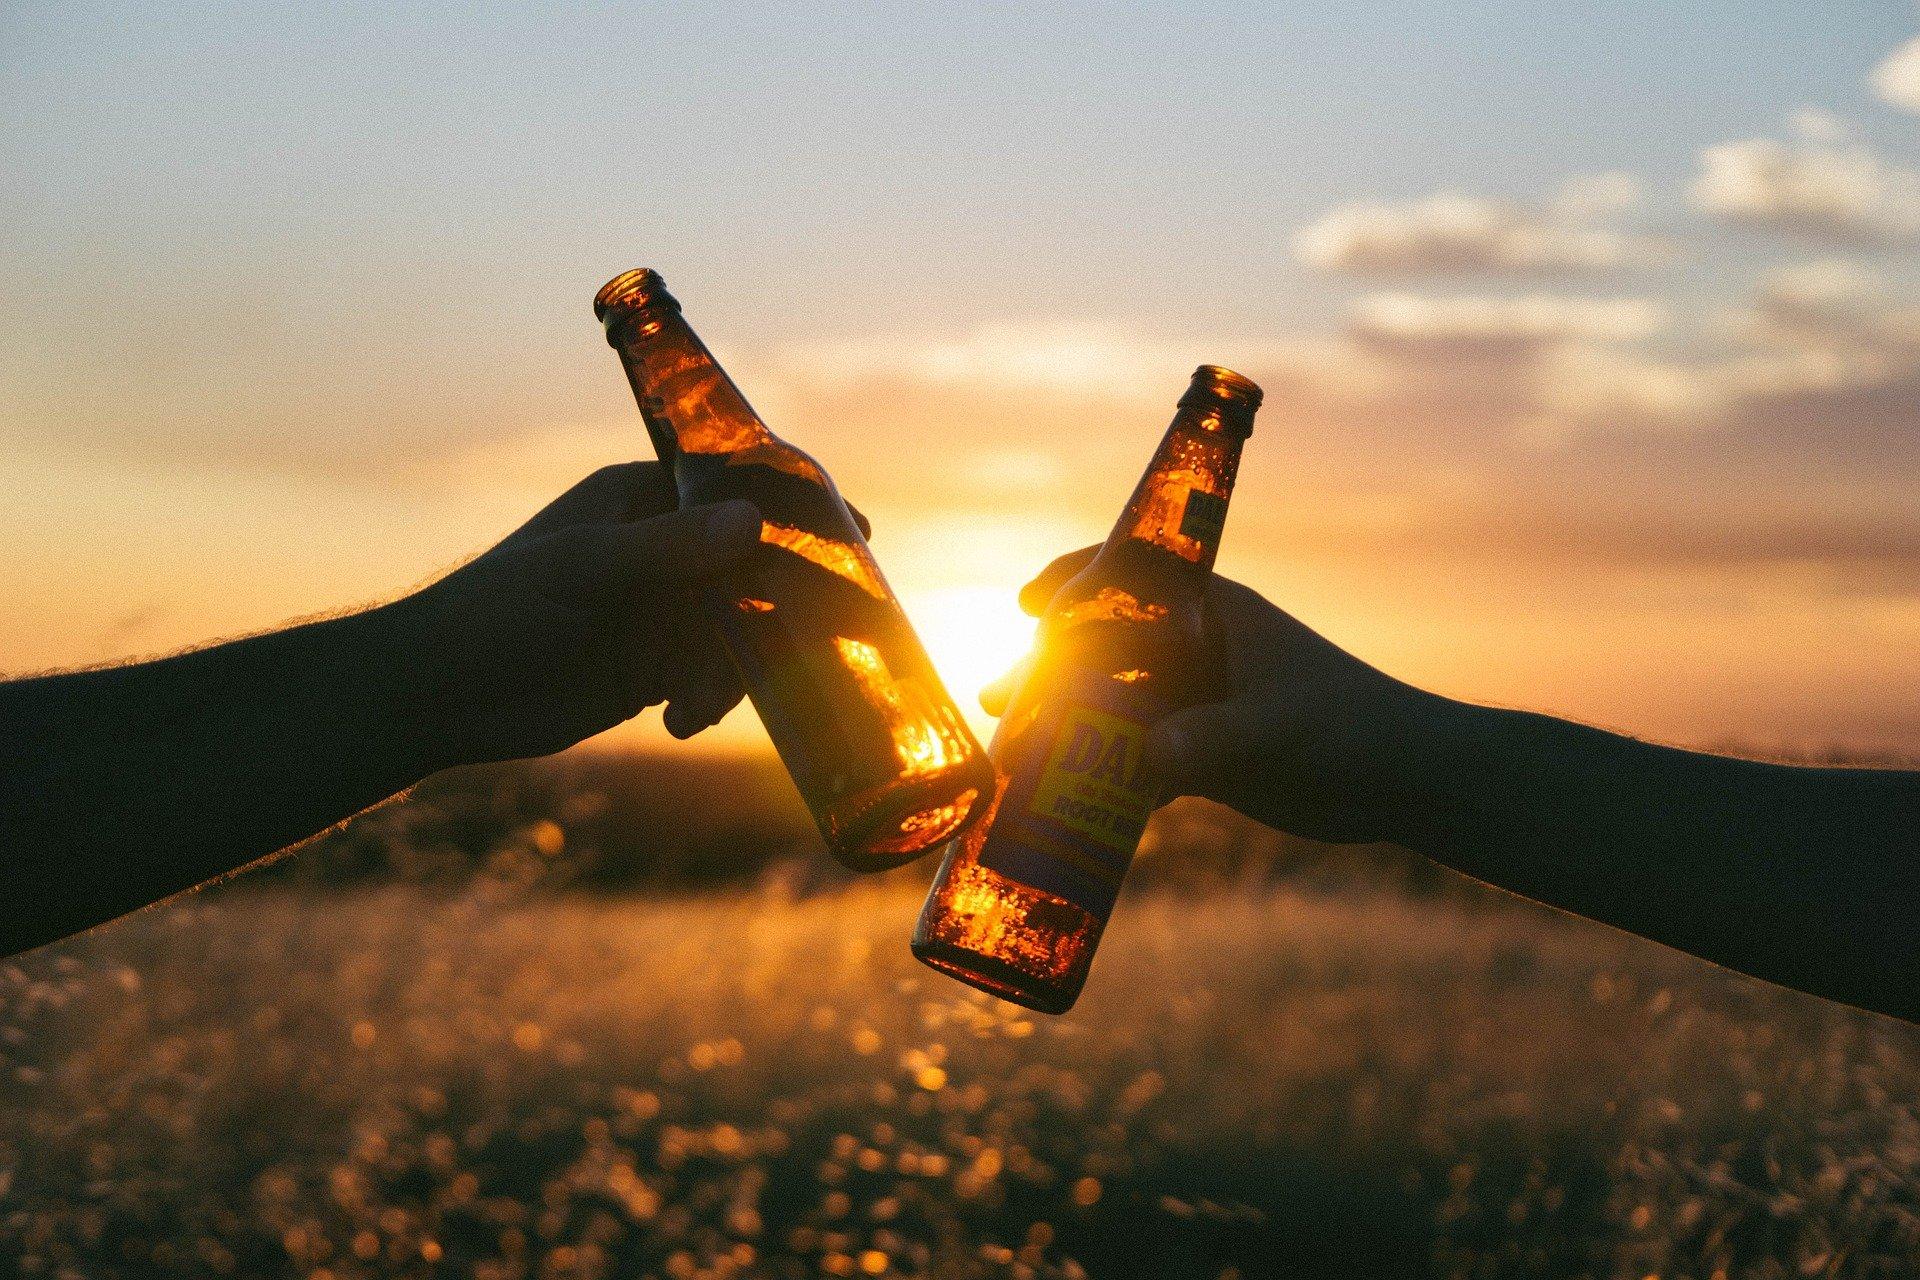 19 milionów na piwo, 23 miliony na wódkę - tak się pije w powiecie kolbuszowskim  - Zdjęcie główne